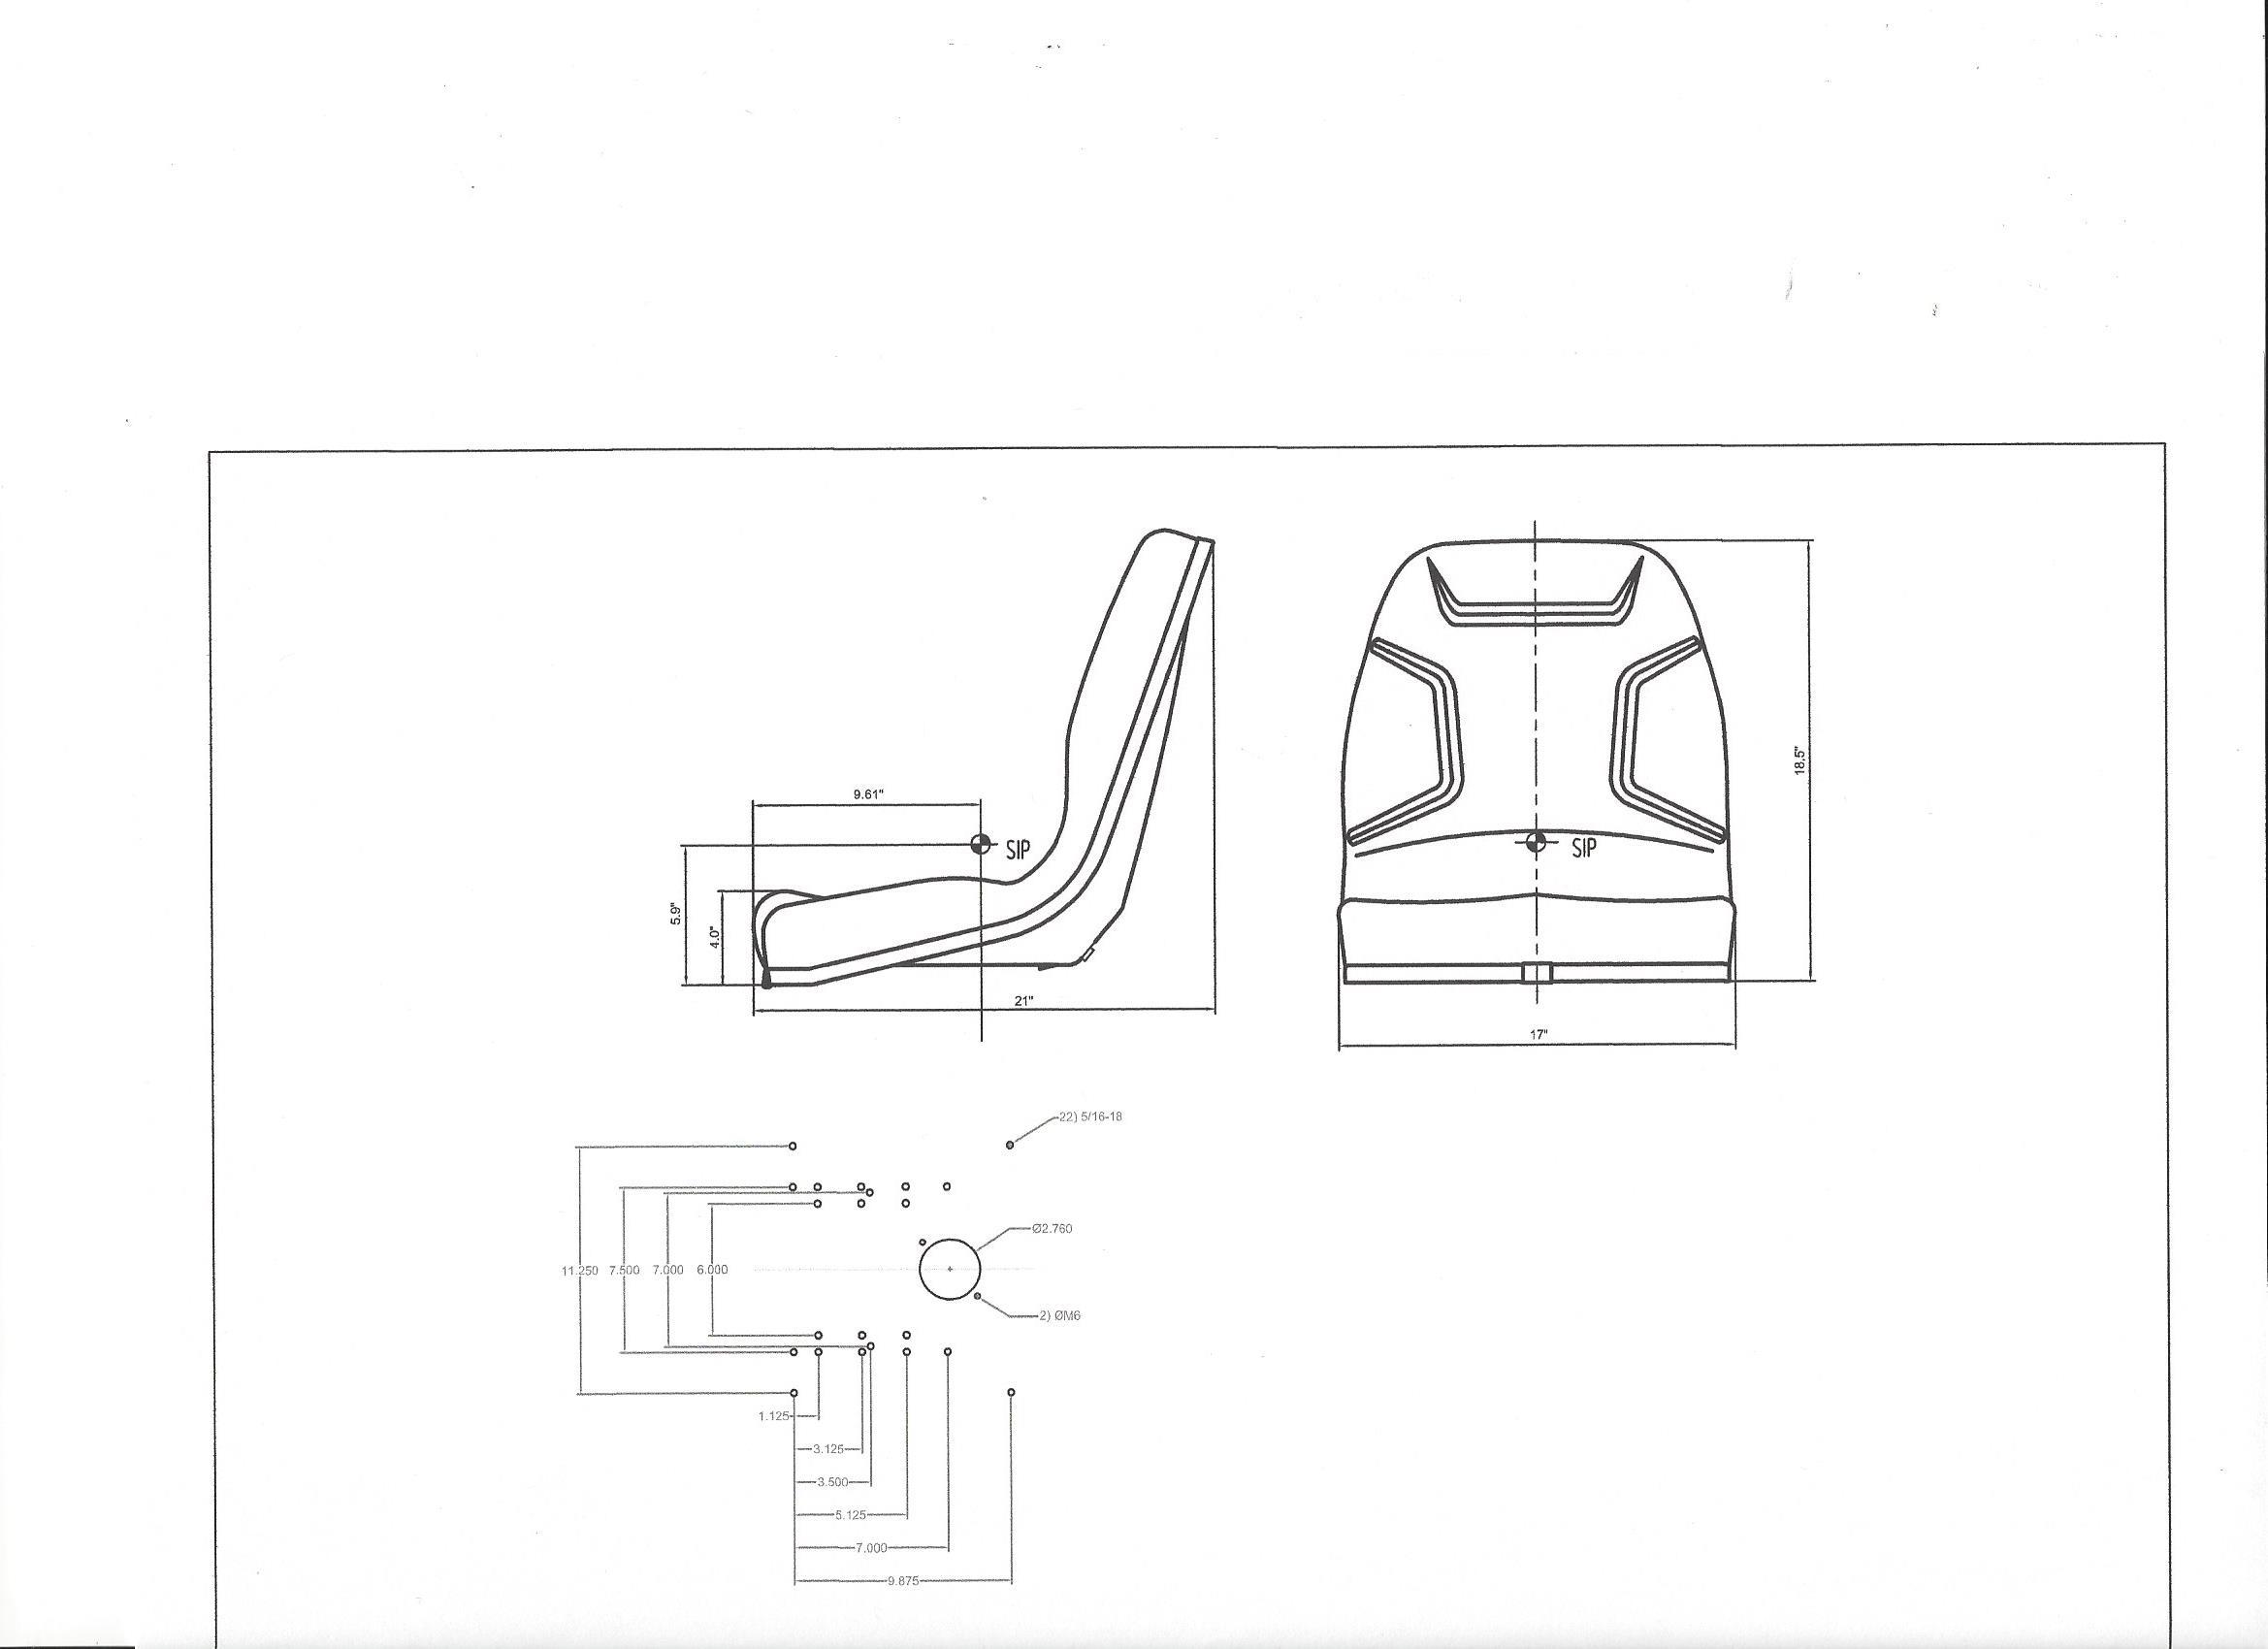 Ac Drawing At Getdrawings